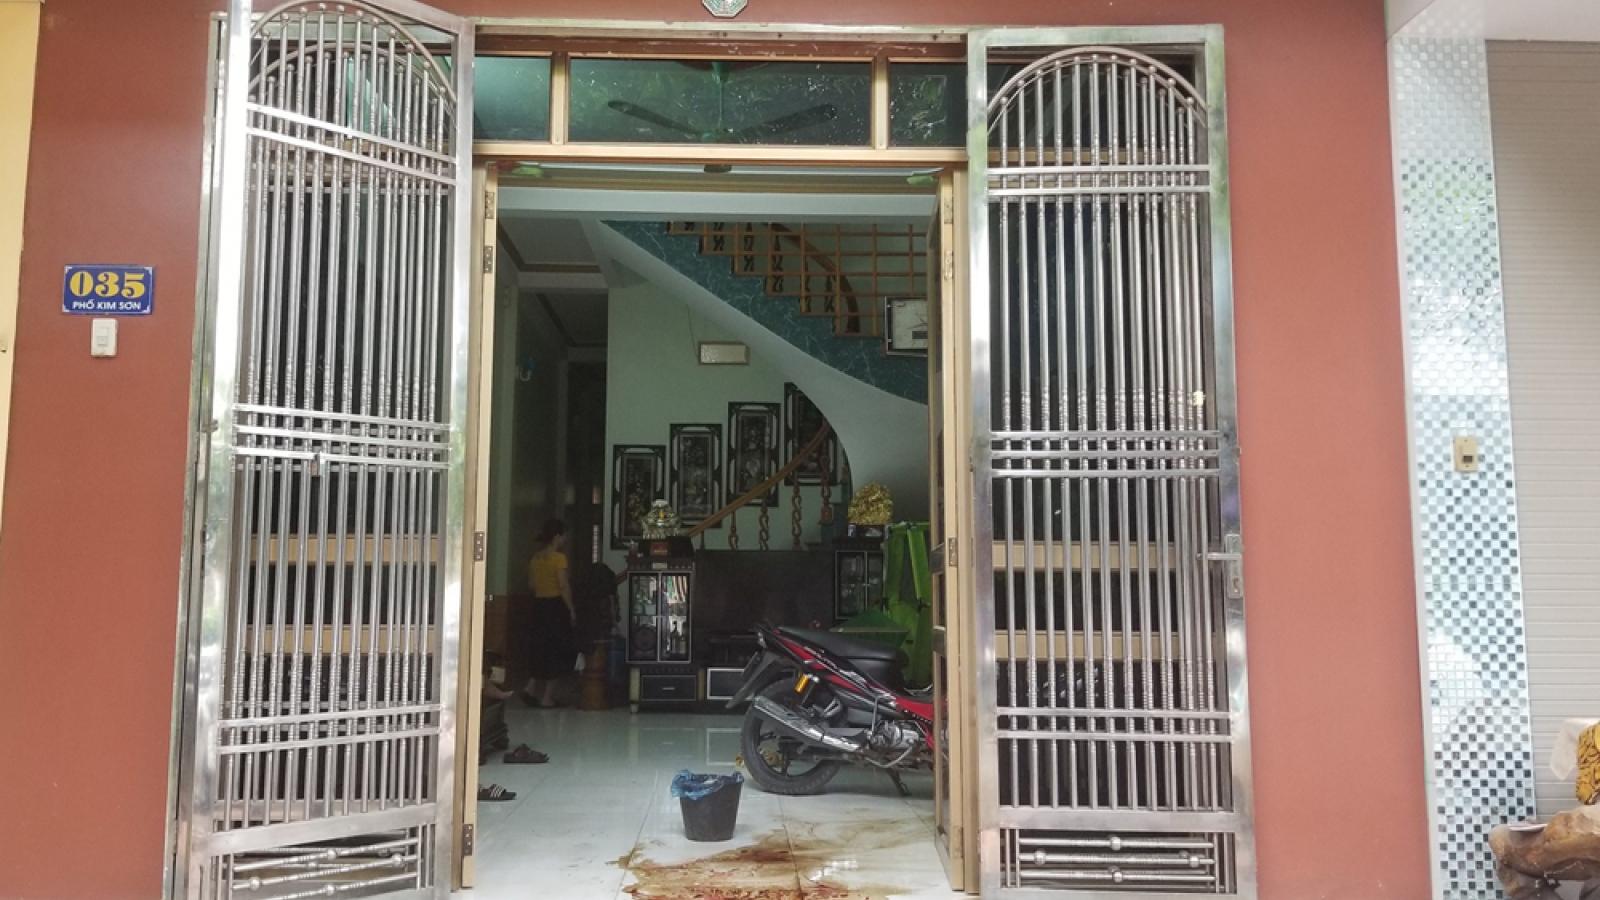 Nhóm đối tượng xấu ném chất bẩn vào nhà dân ở Lào Cai